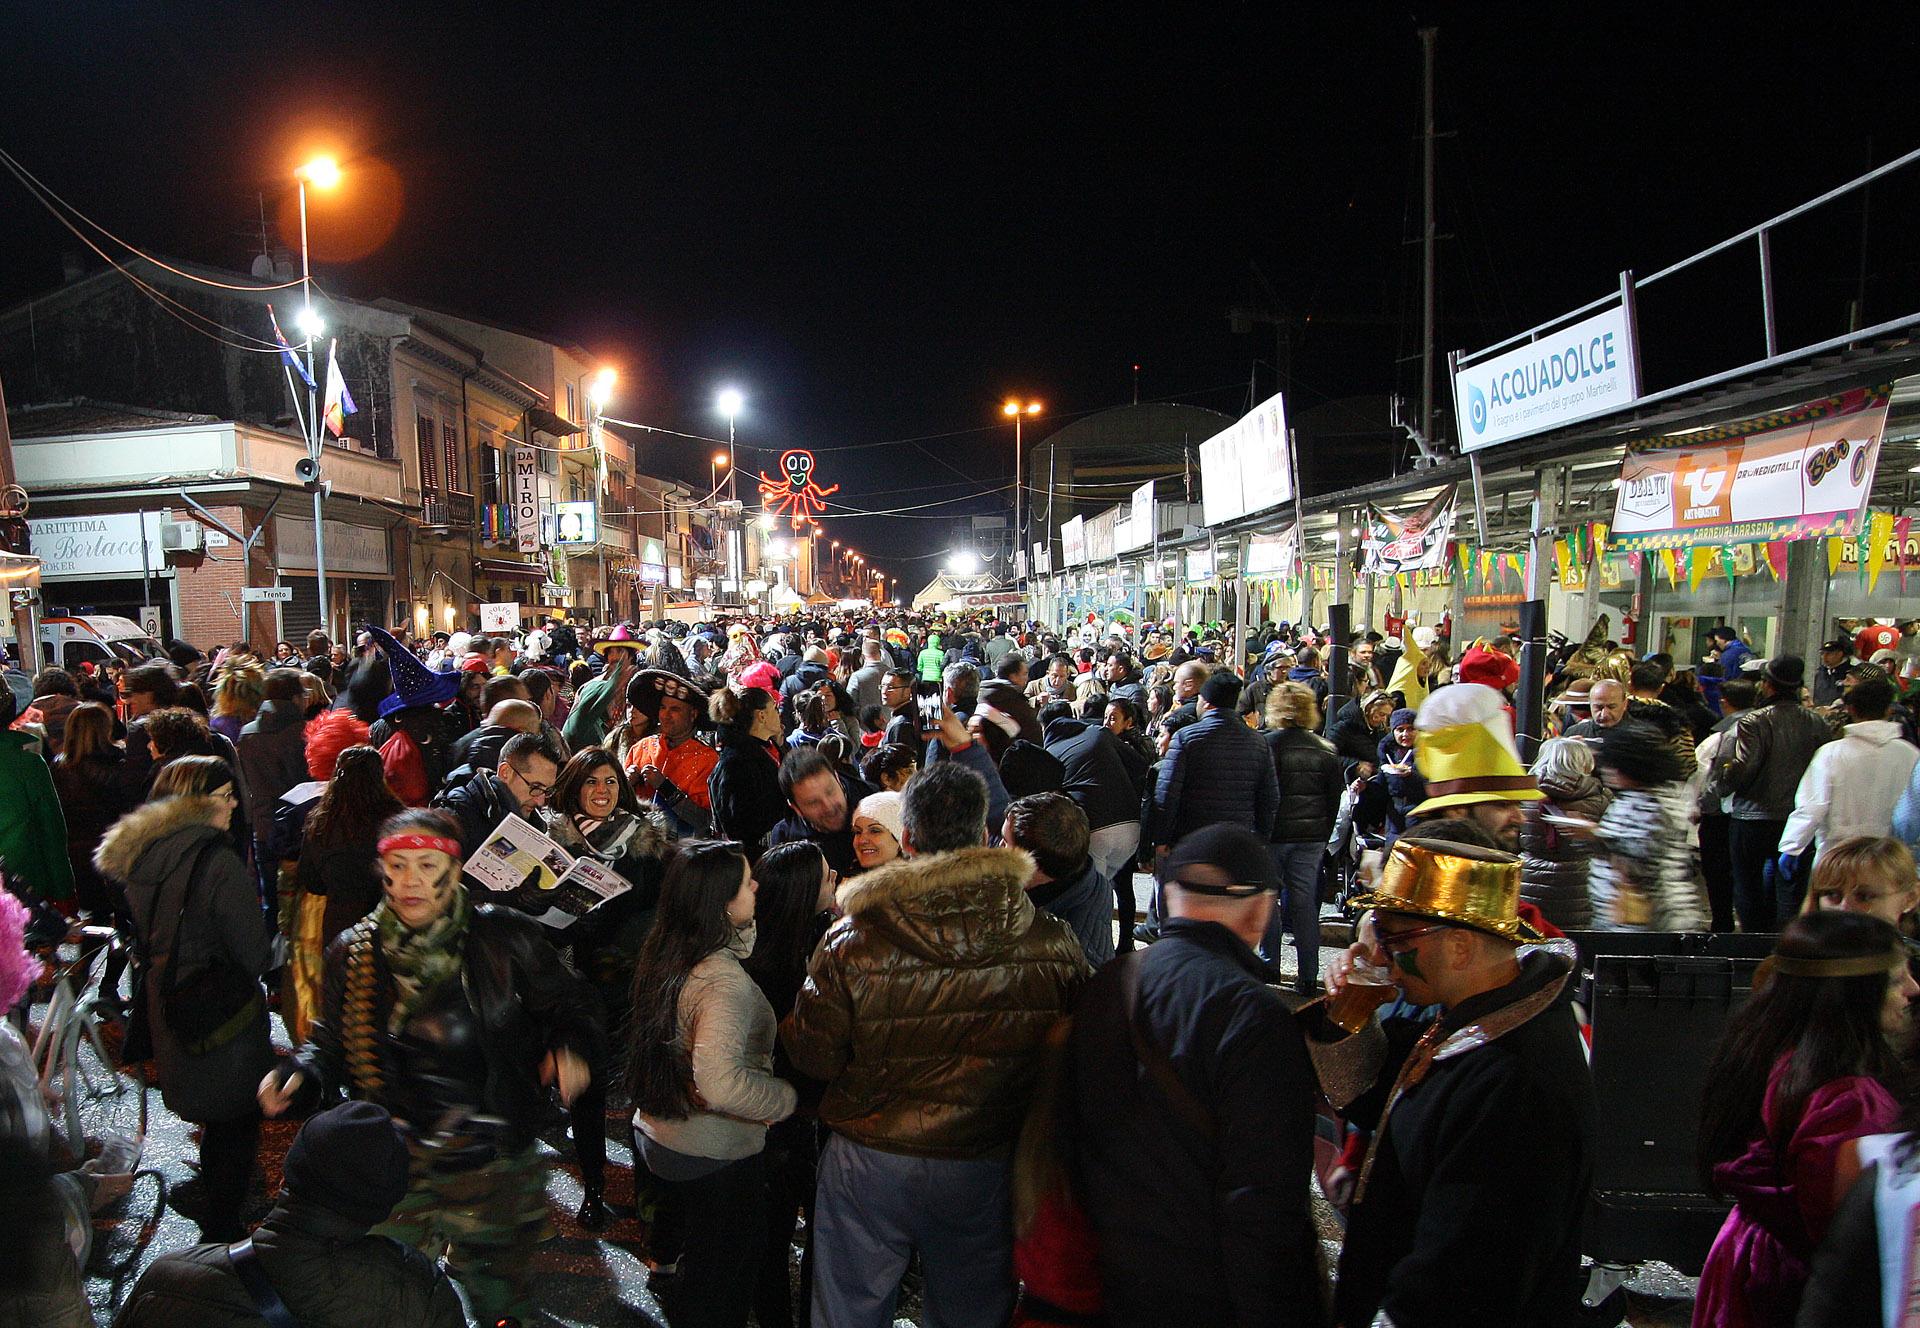 Il Carneval Darsena sponsorizzato dal Parco Commerciale Burlamacca